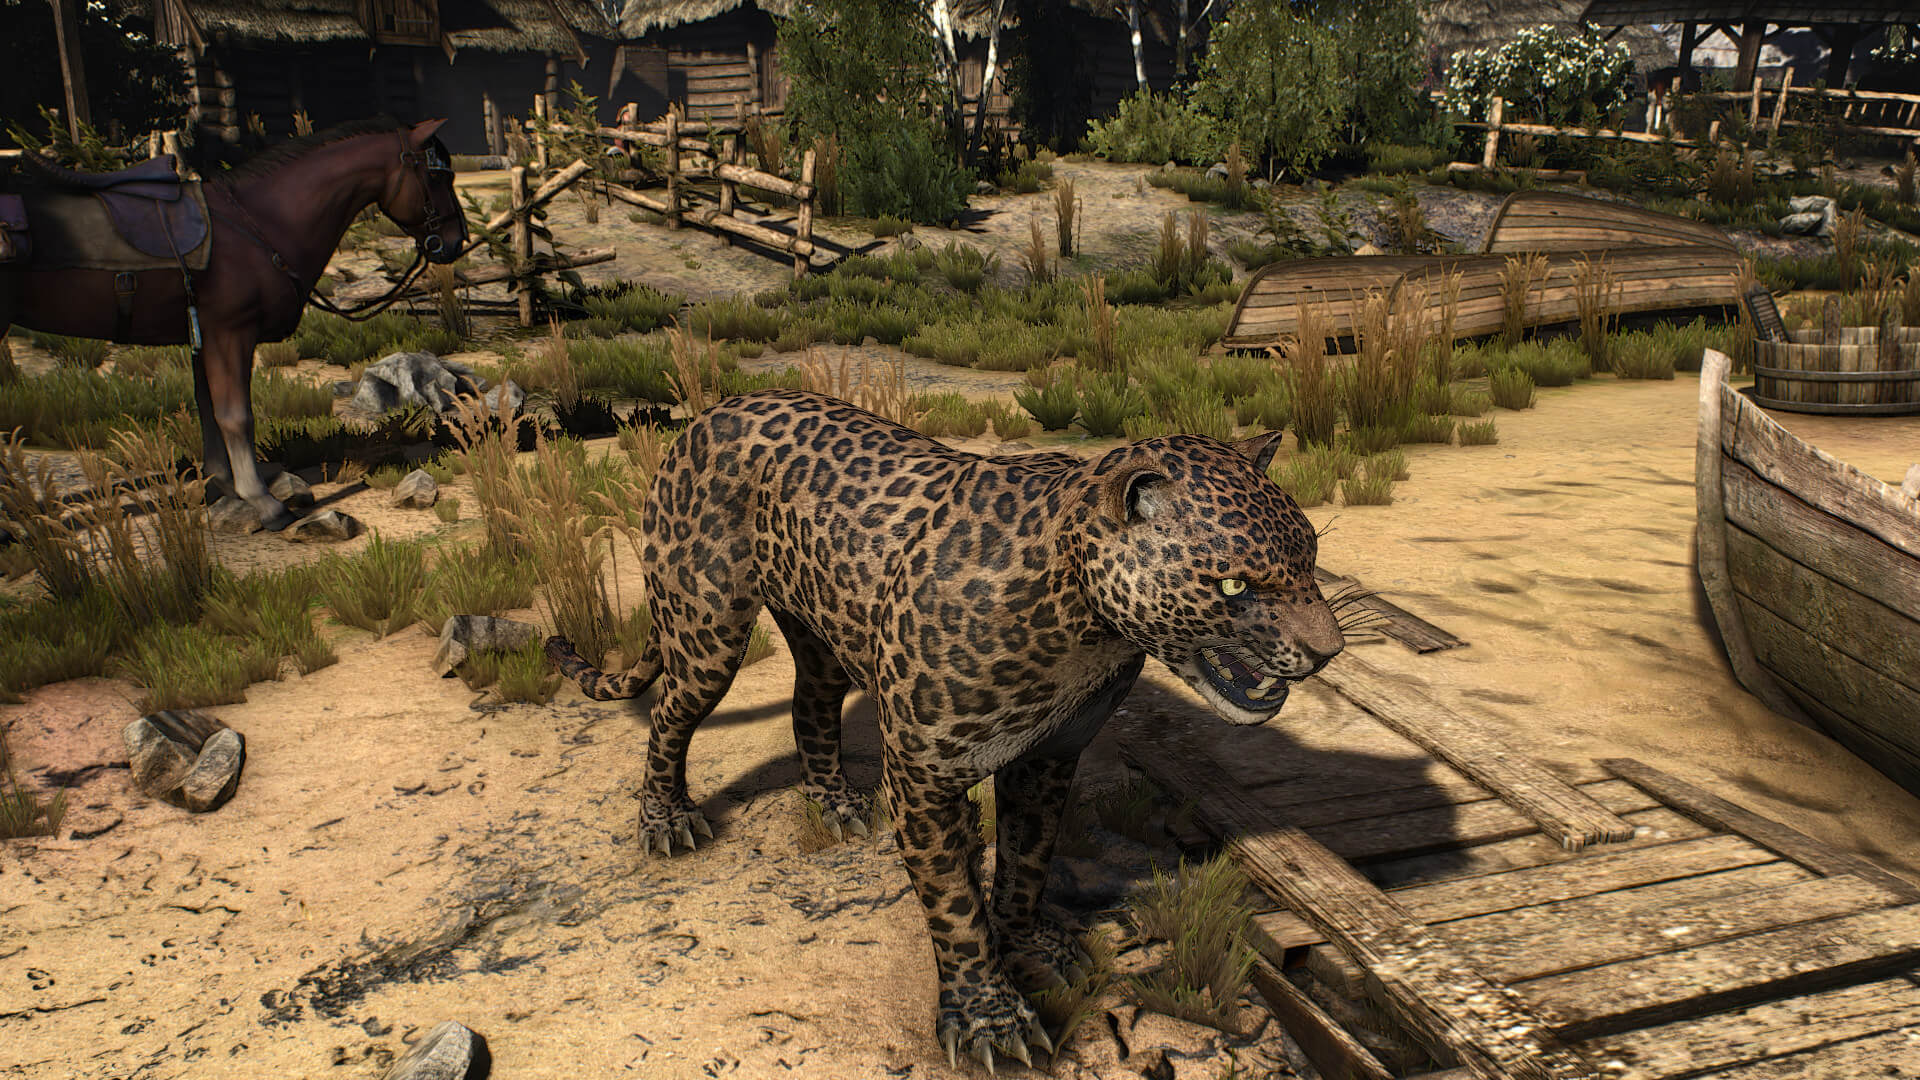 《巫师3》动物高清Mod 猫鸡牛等变得栩栩如生